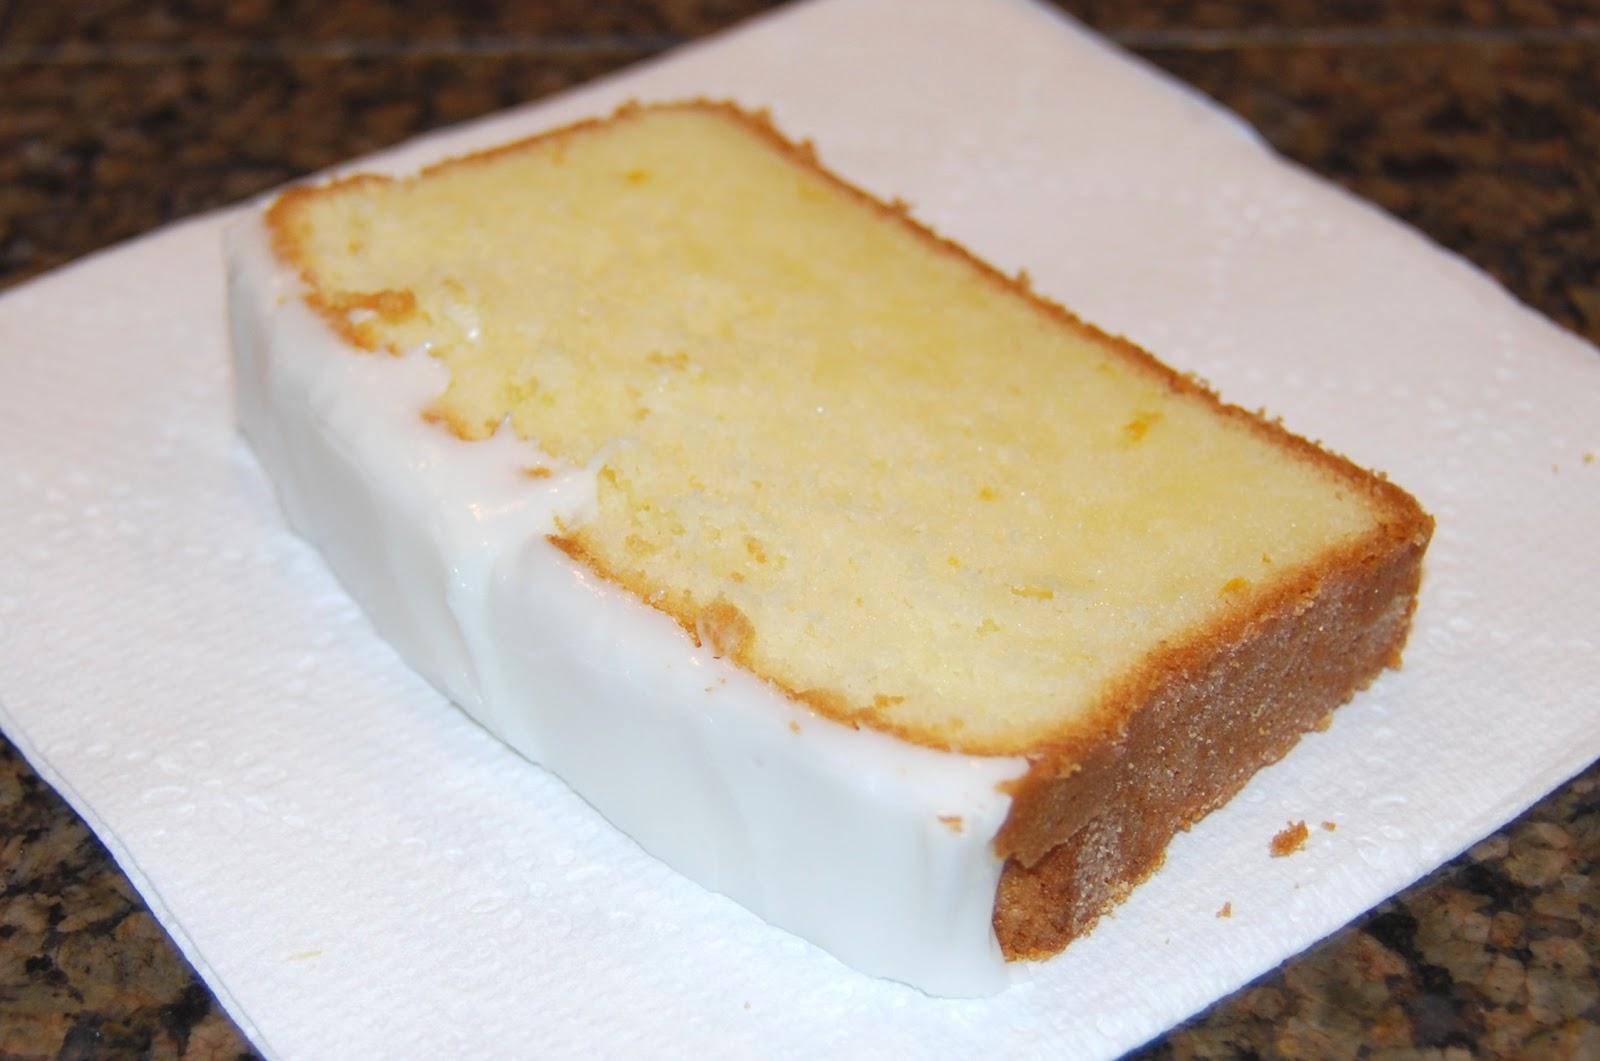 Ingredients In Starbucks Lemon Pound Cake